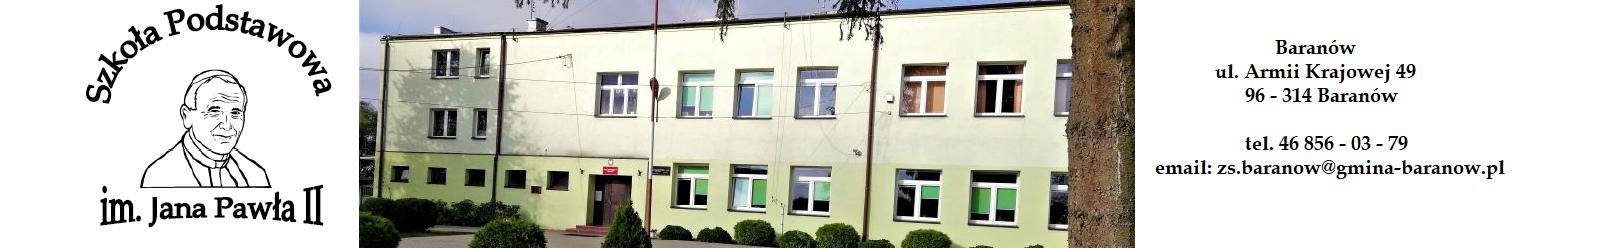 Szkoła Podstawowa im. Jana Pawła II w Baranowie